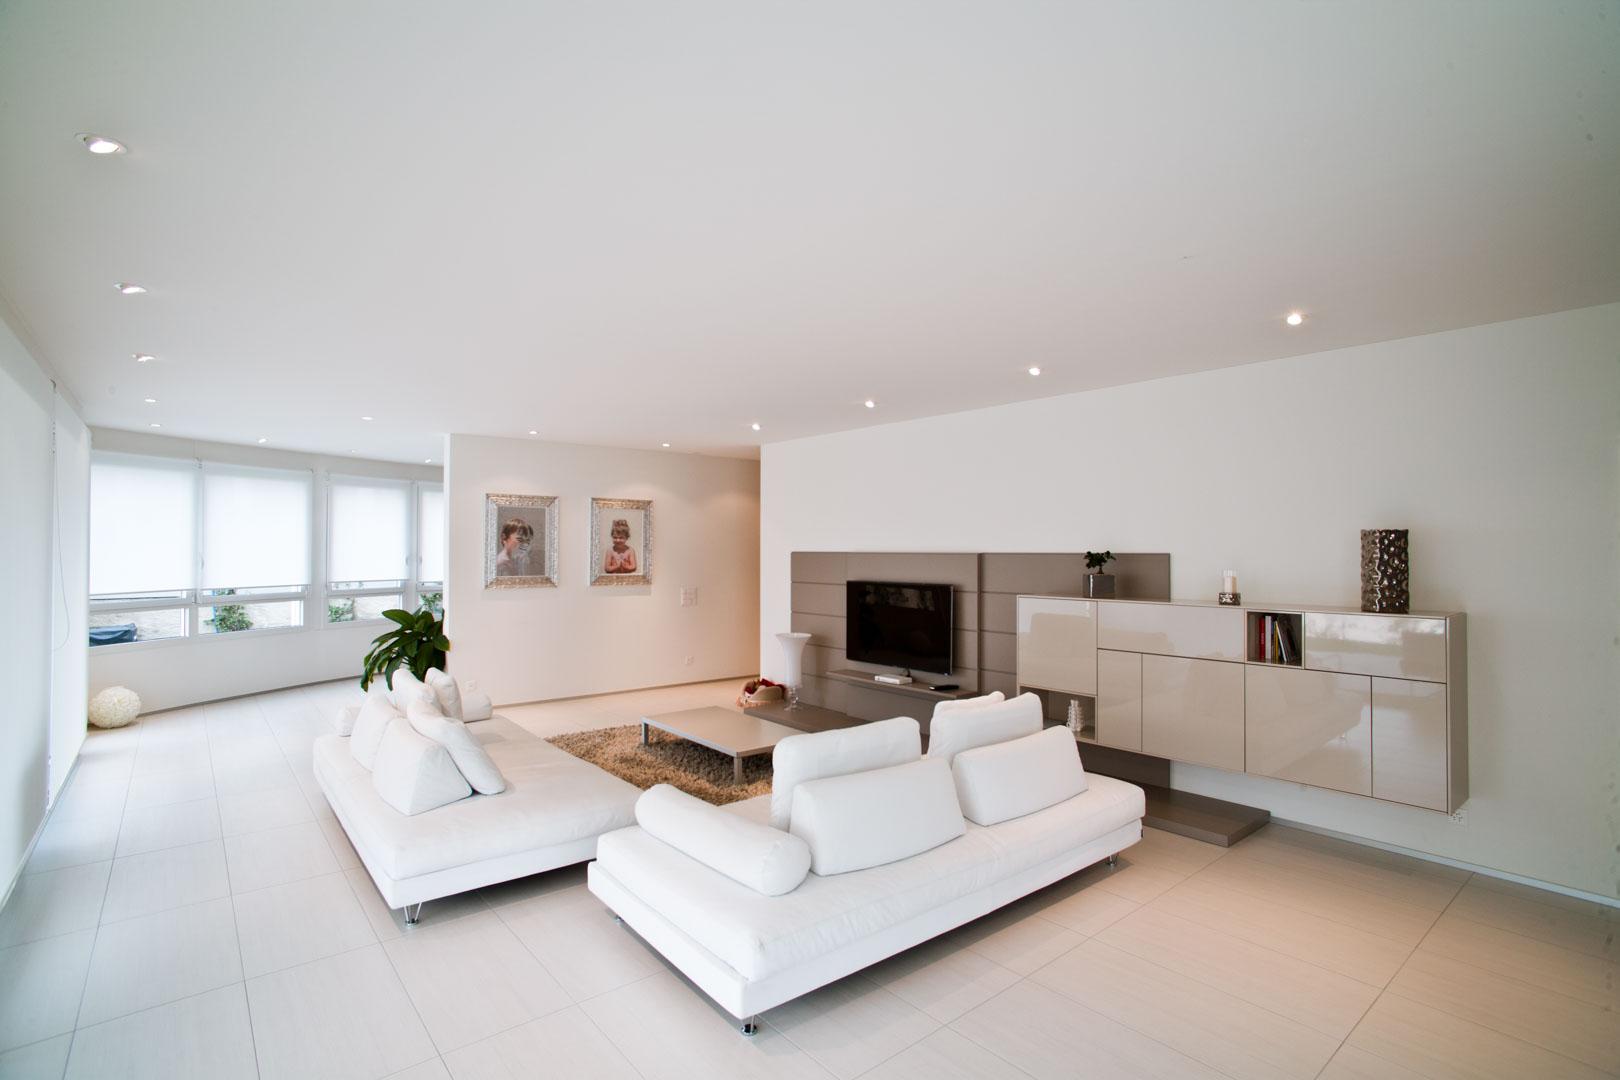 New line servizio fotografico di interni arredamento e for Designer di interni